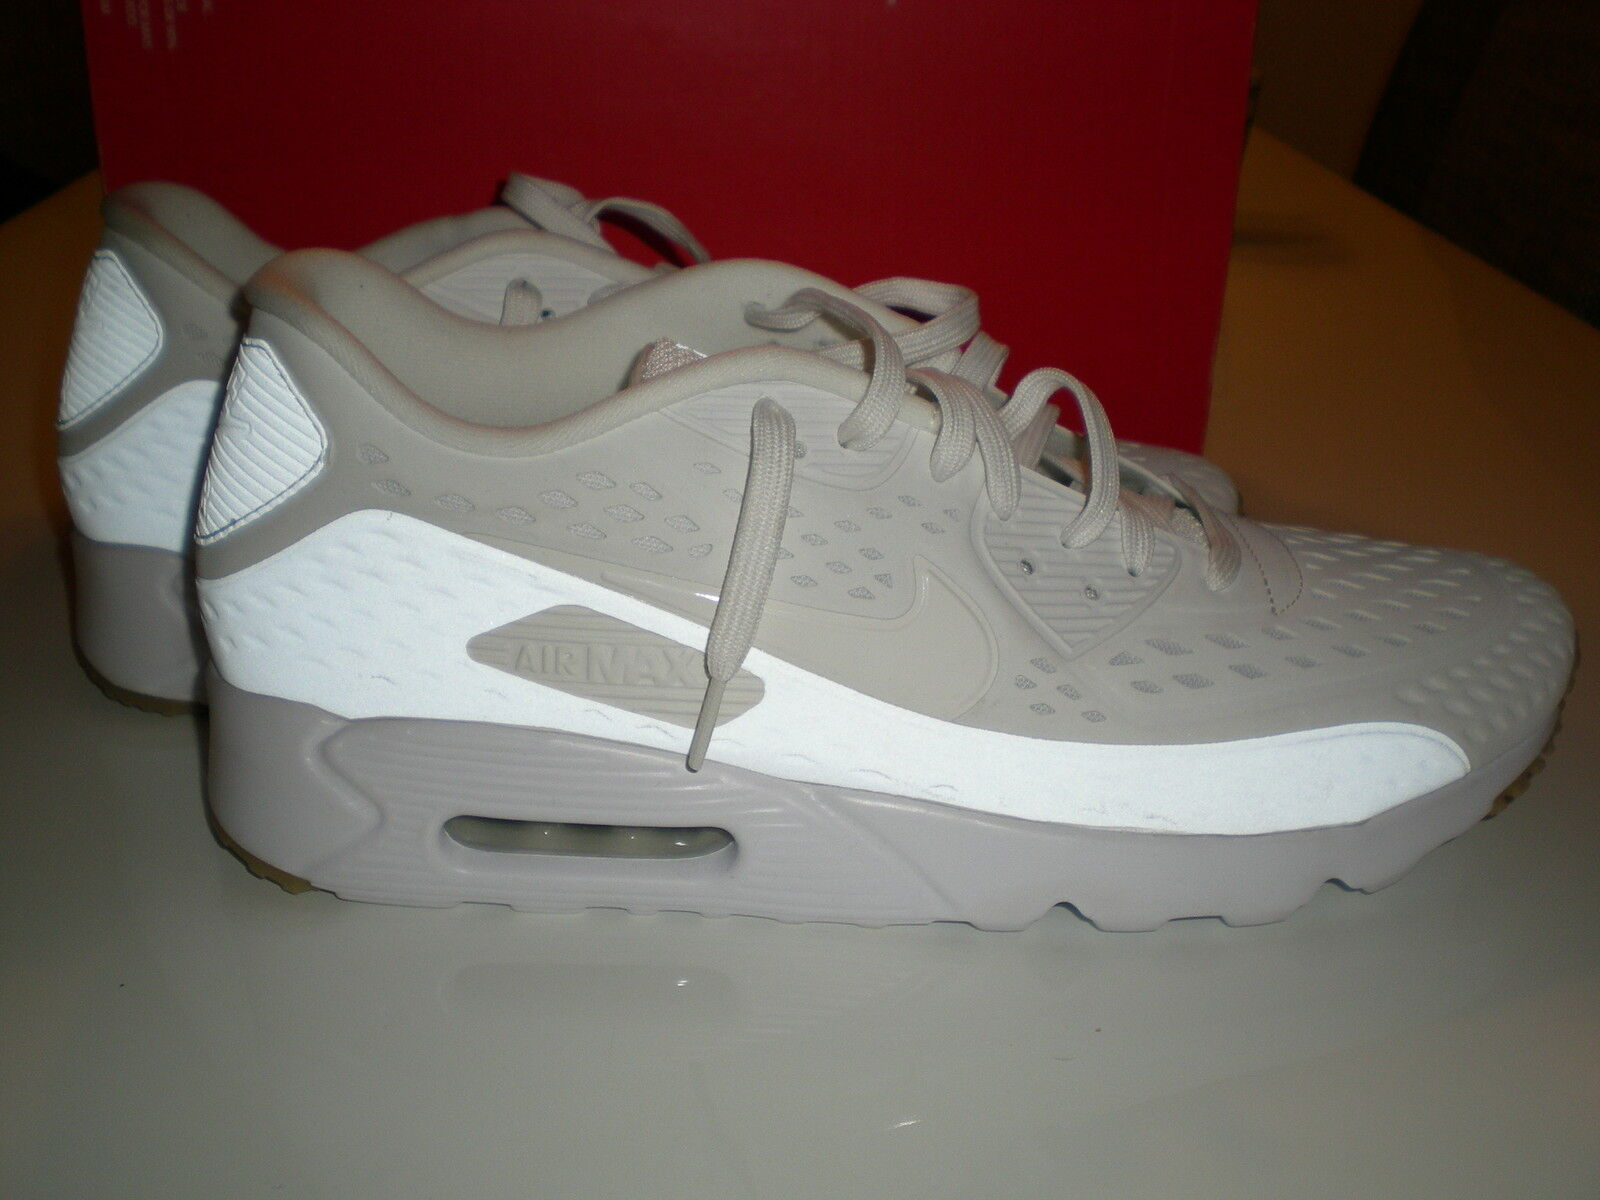 Nike Air Max 90 Ultra Schuhe EUR 48,5 Turnschuhe Sneaker weiss 725222100